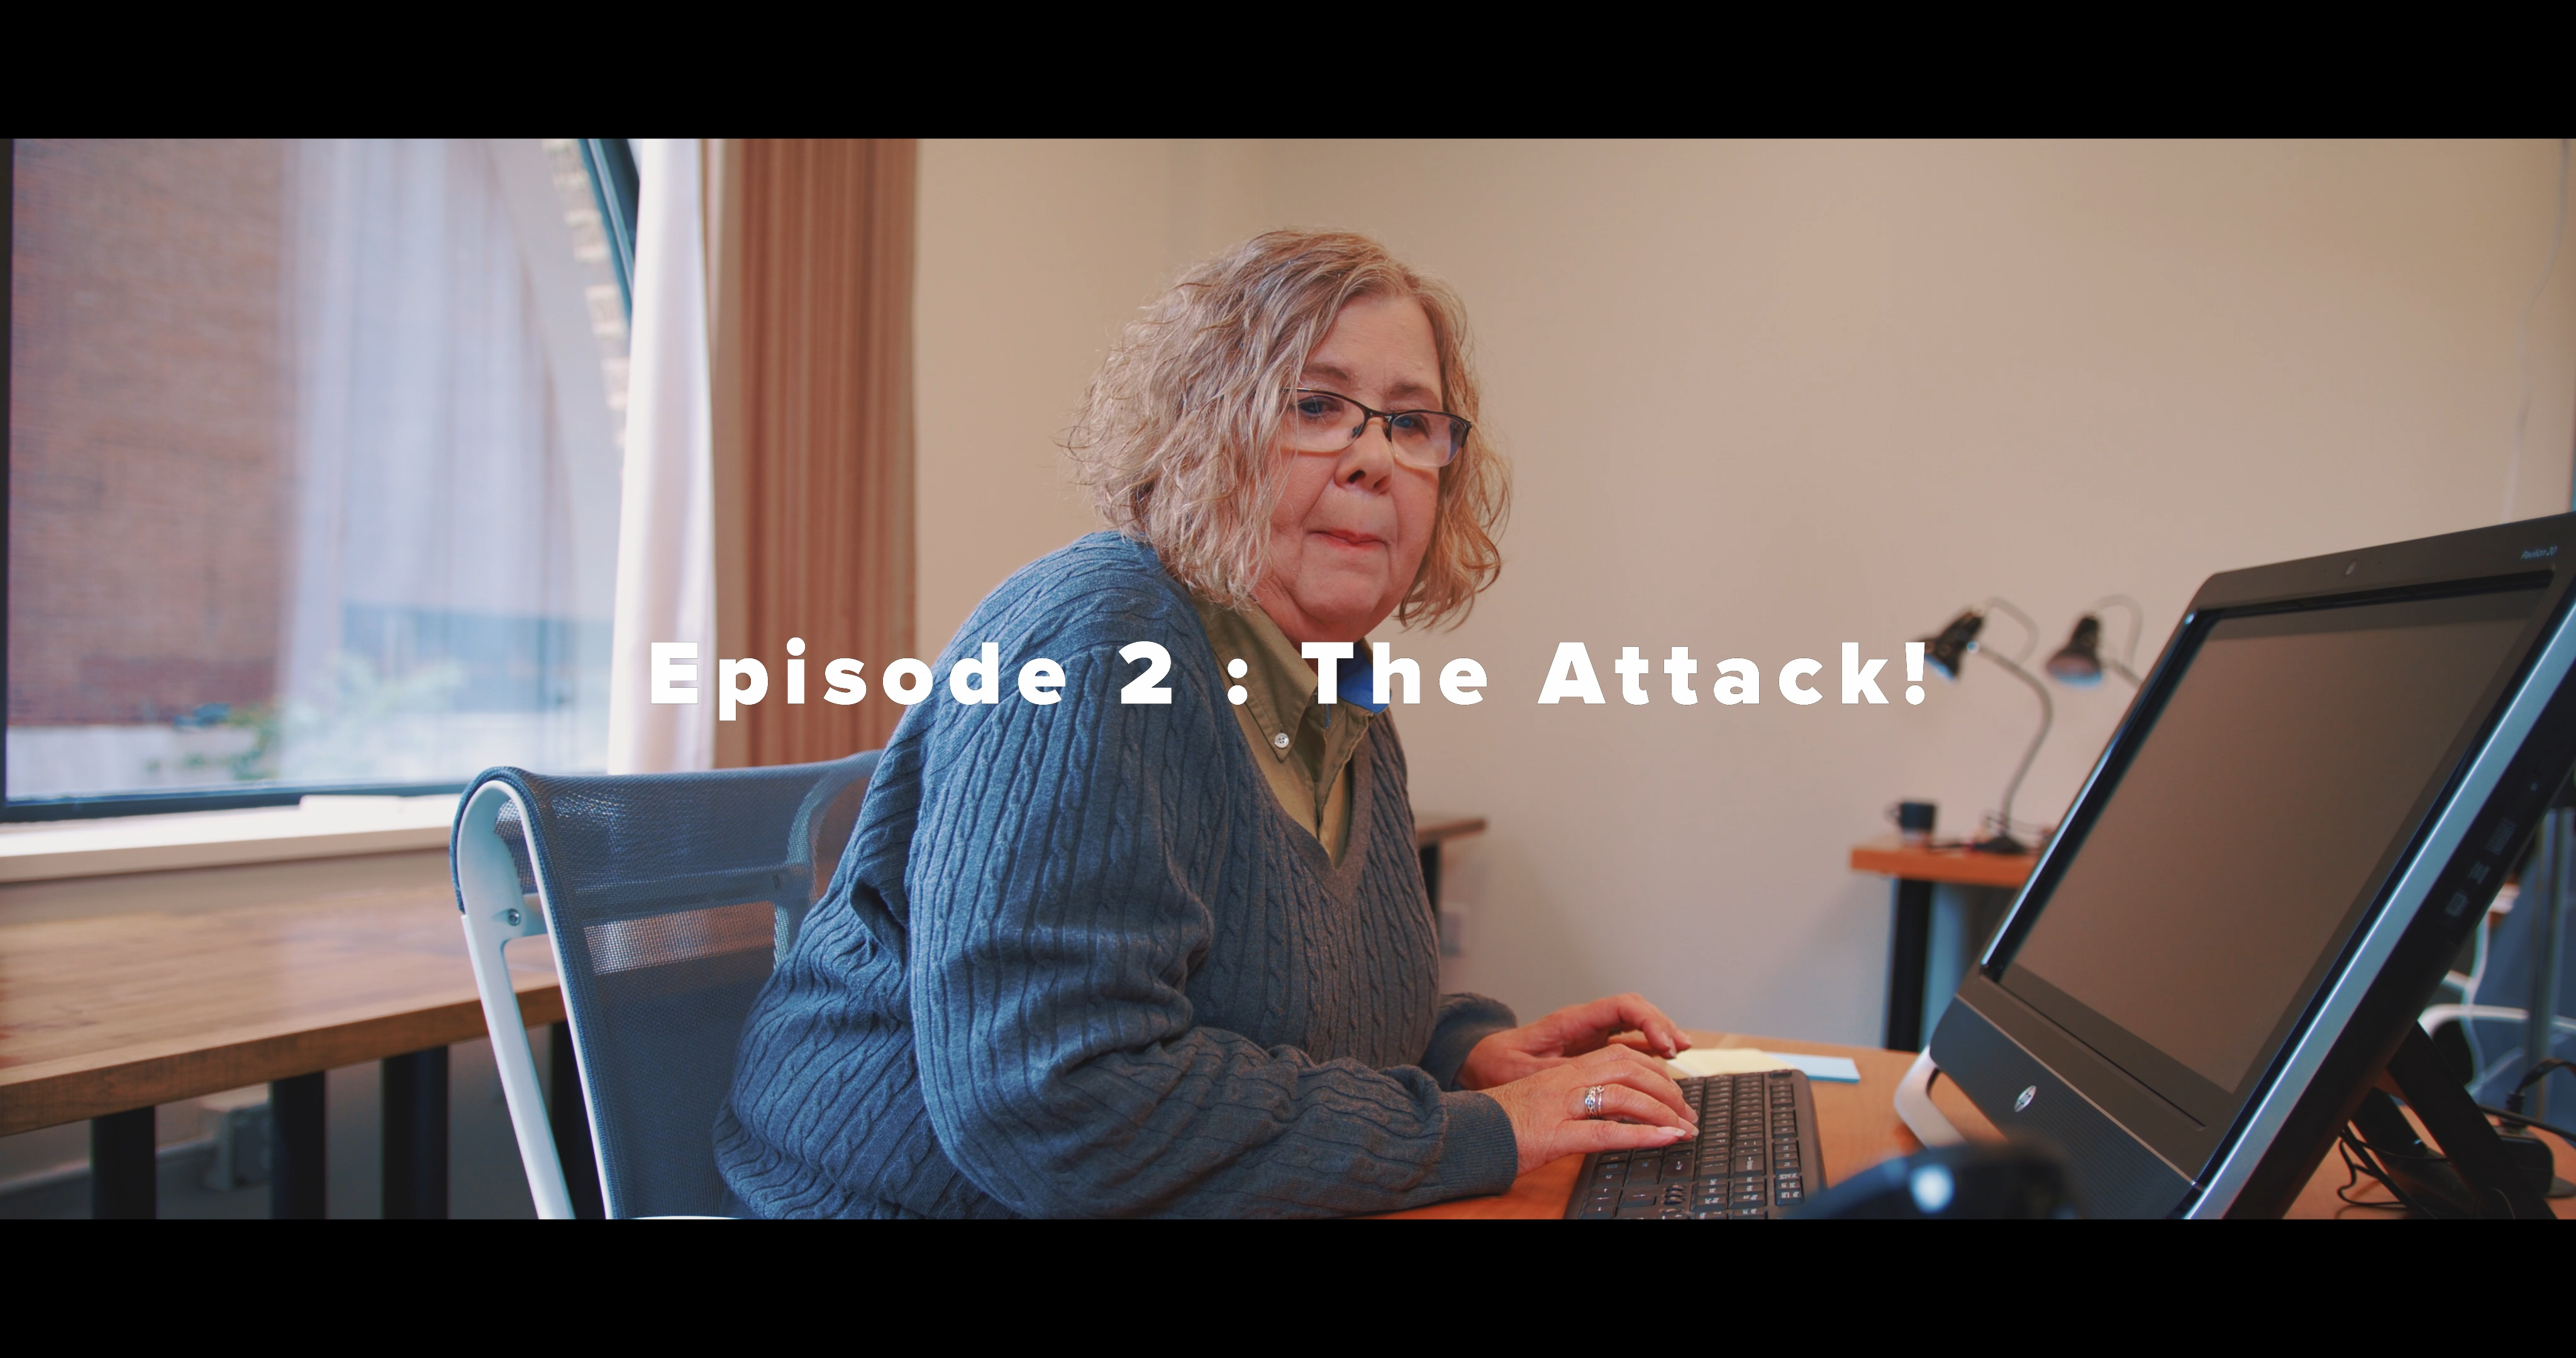 Jan_Episode_2_Thumbnail